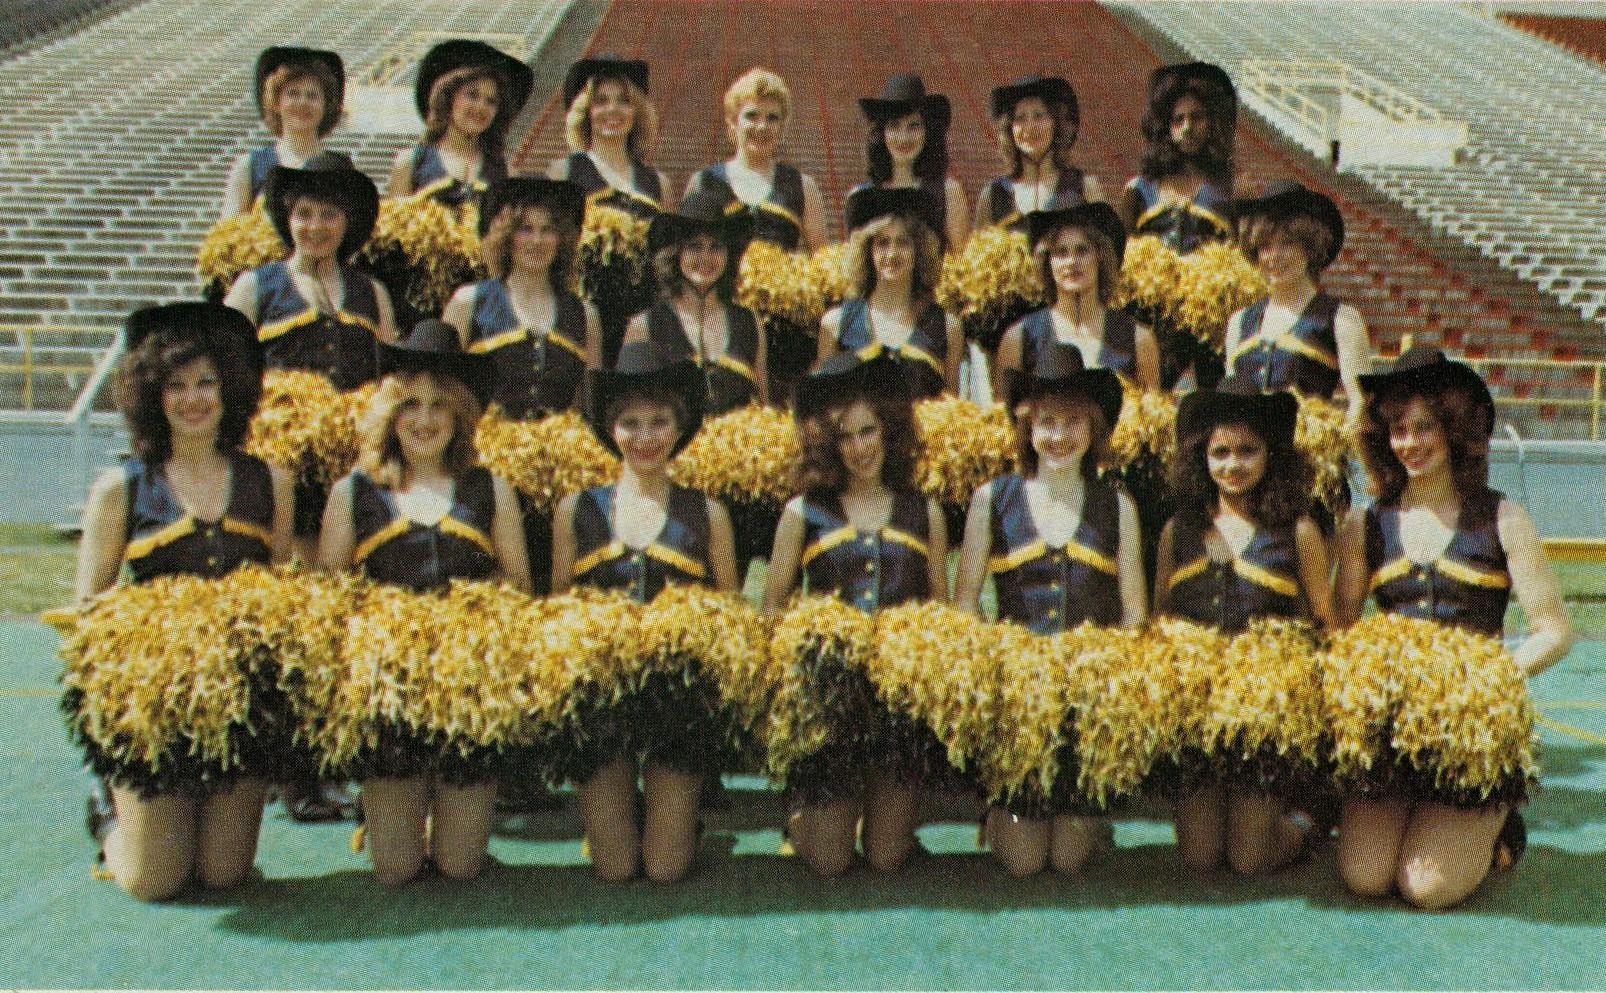 Boomers 81 Cheerleaders 003.jpg